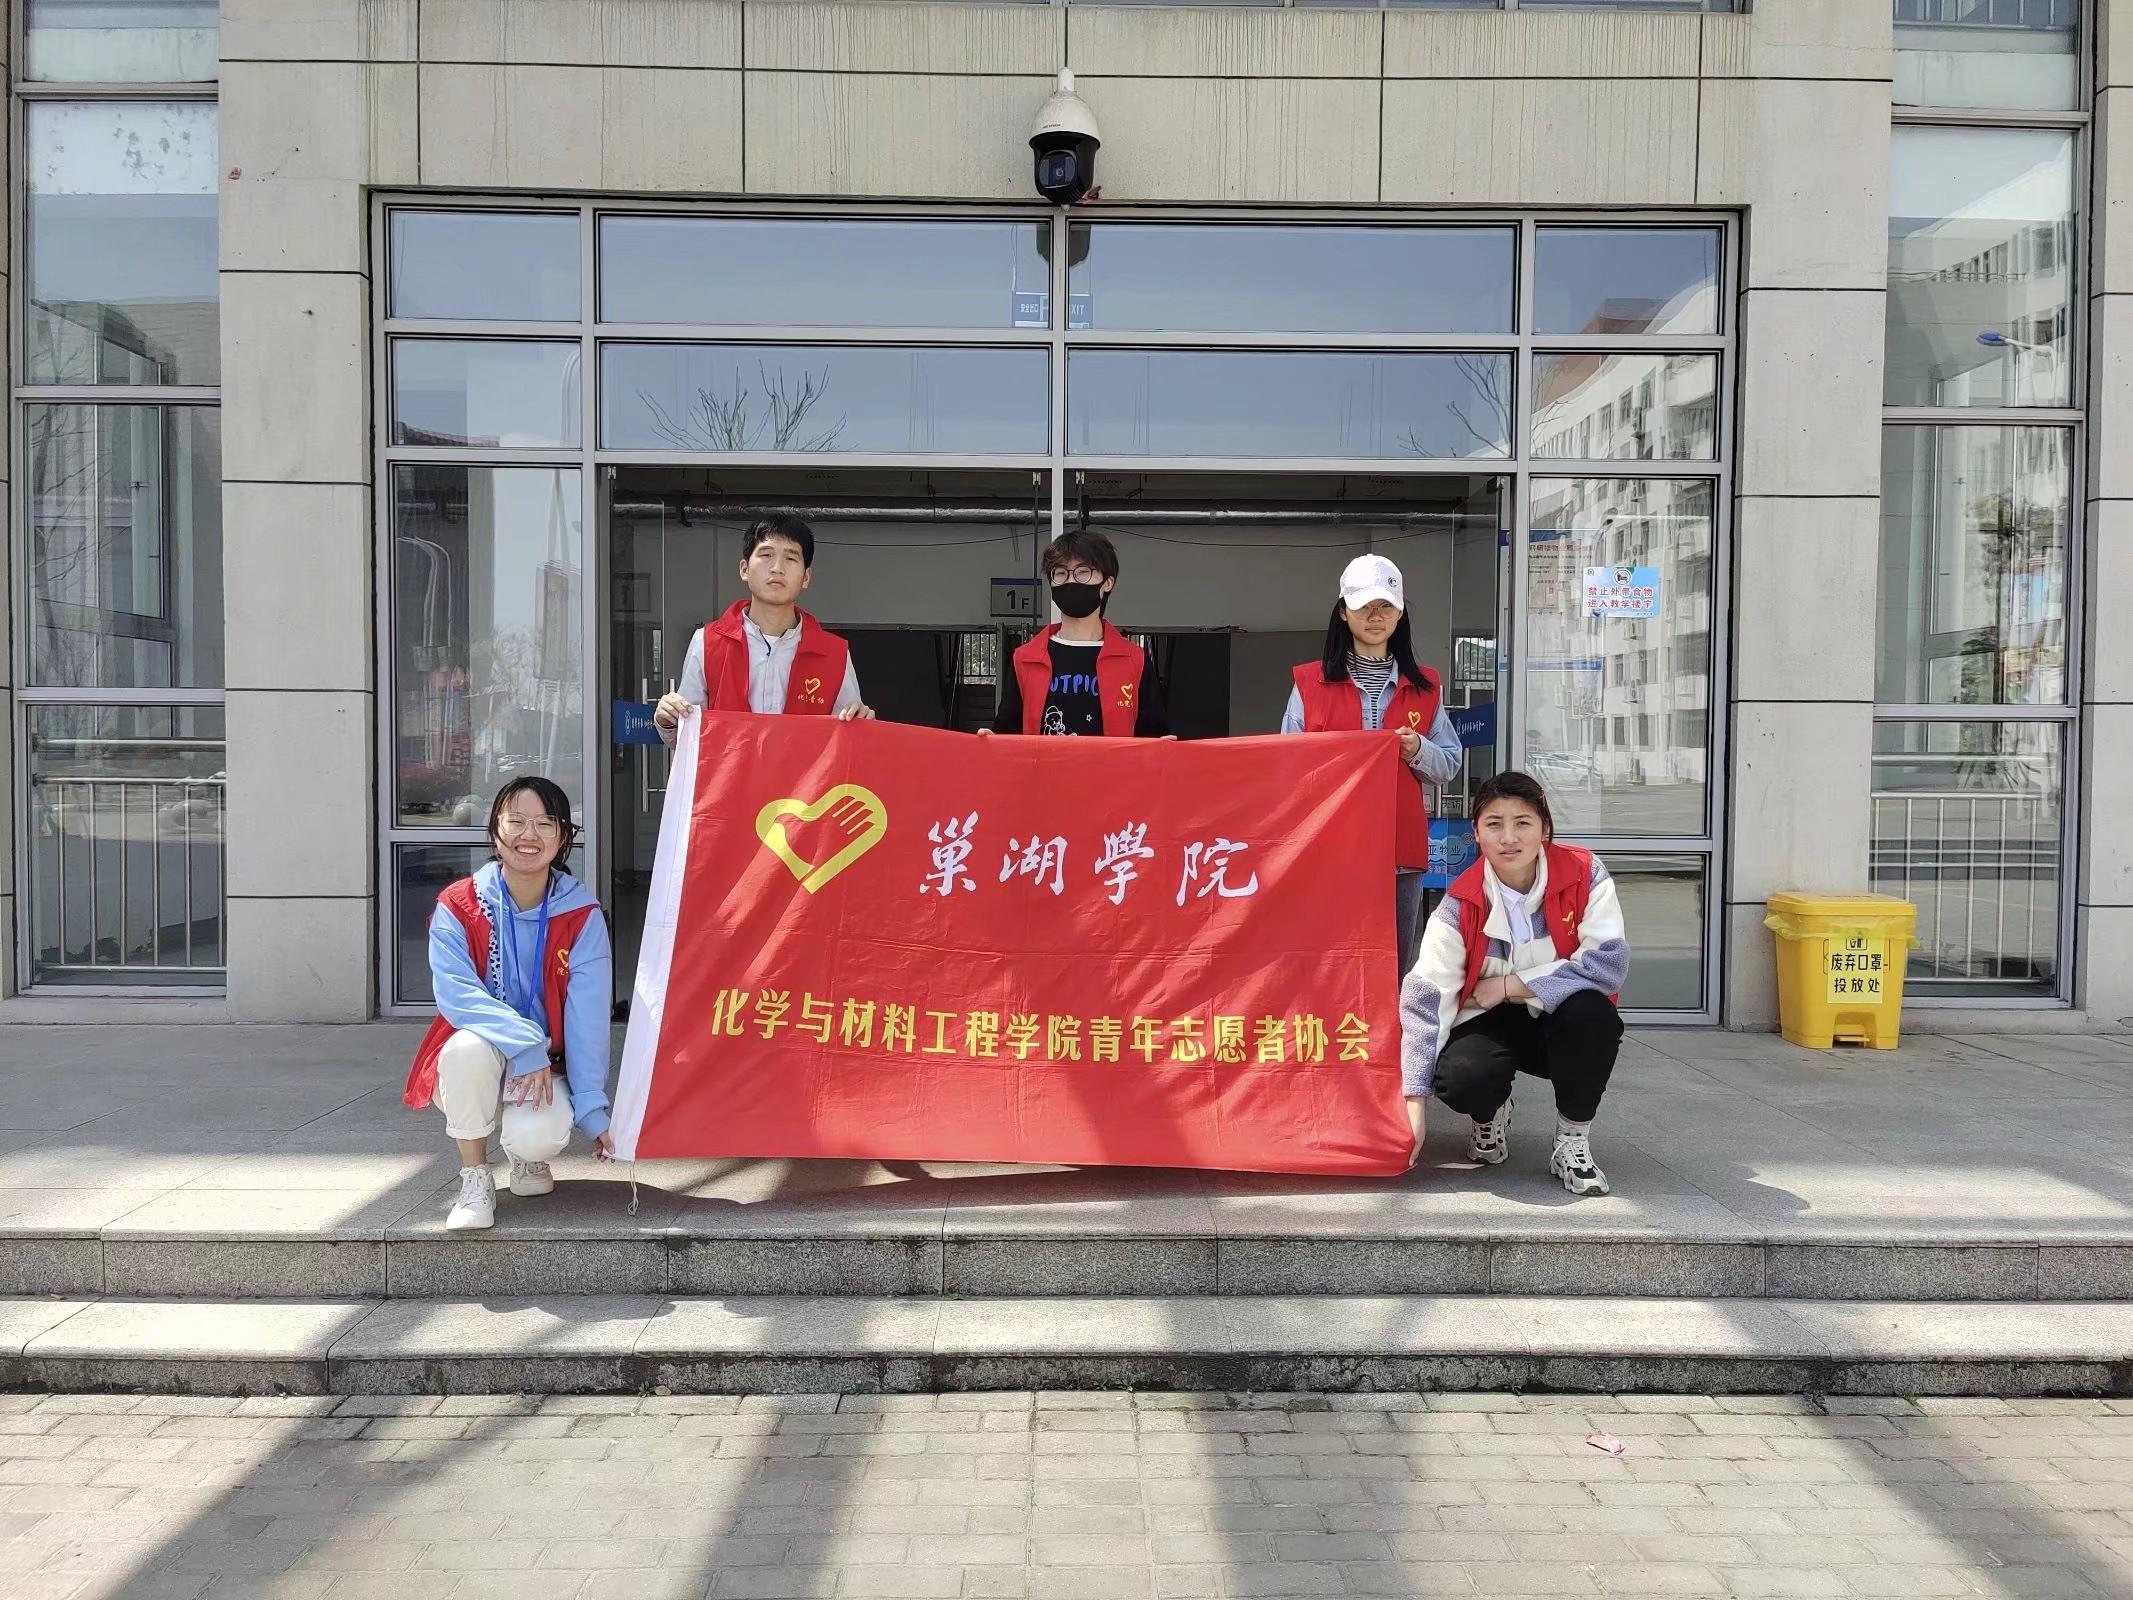 化材学院青年志愿者协会开展受资育人志愿服务活动